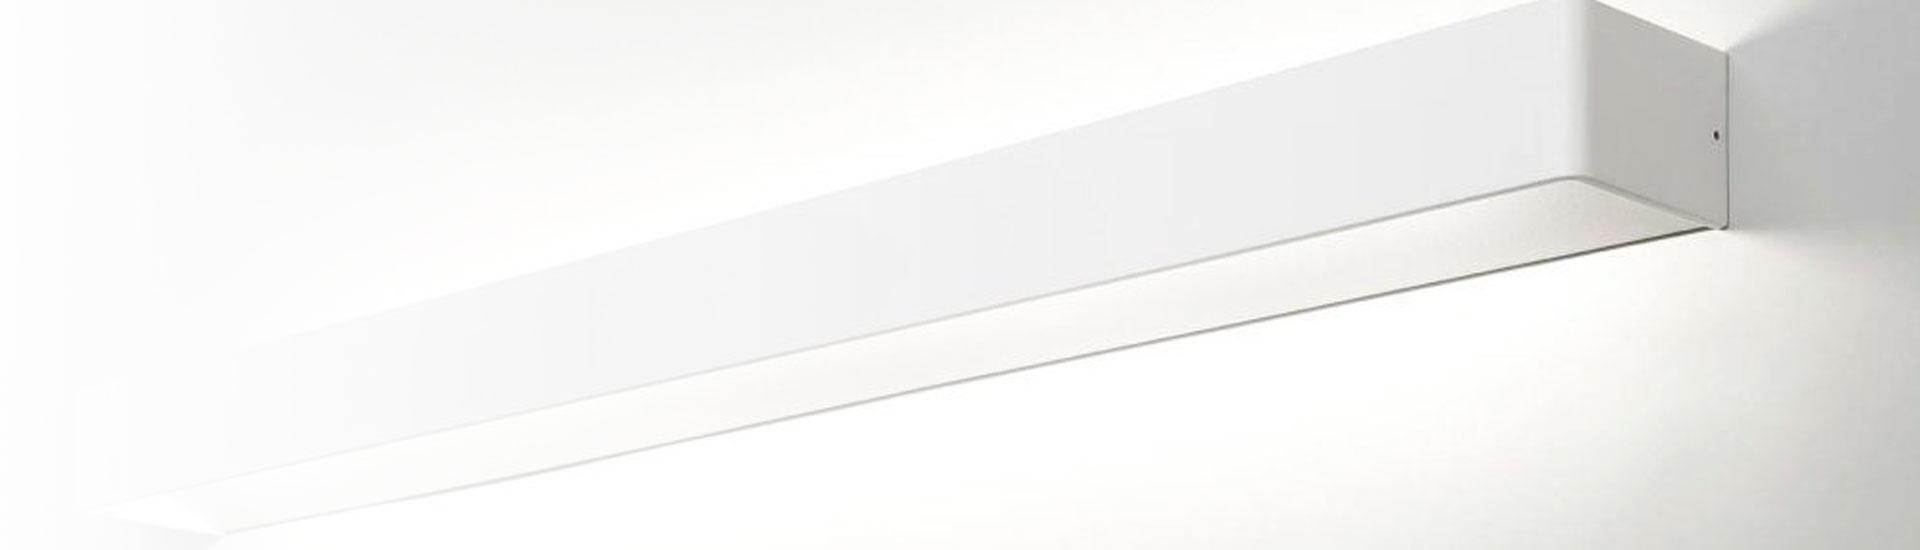 Inspiration til badeværelsets lamper - online køb og professionel vejledning